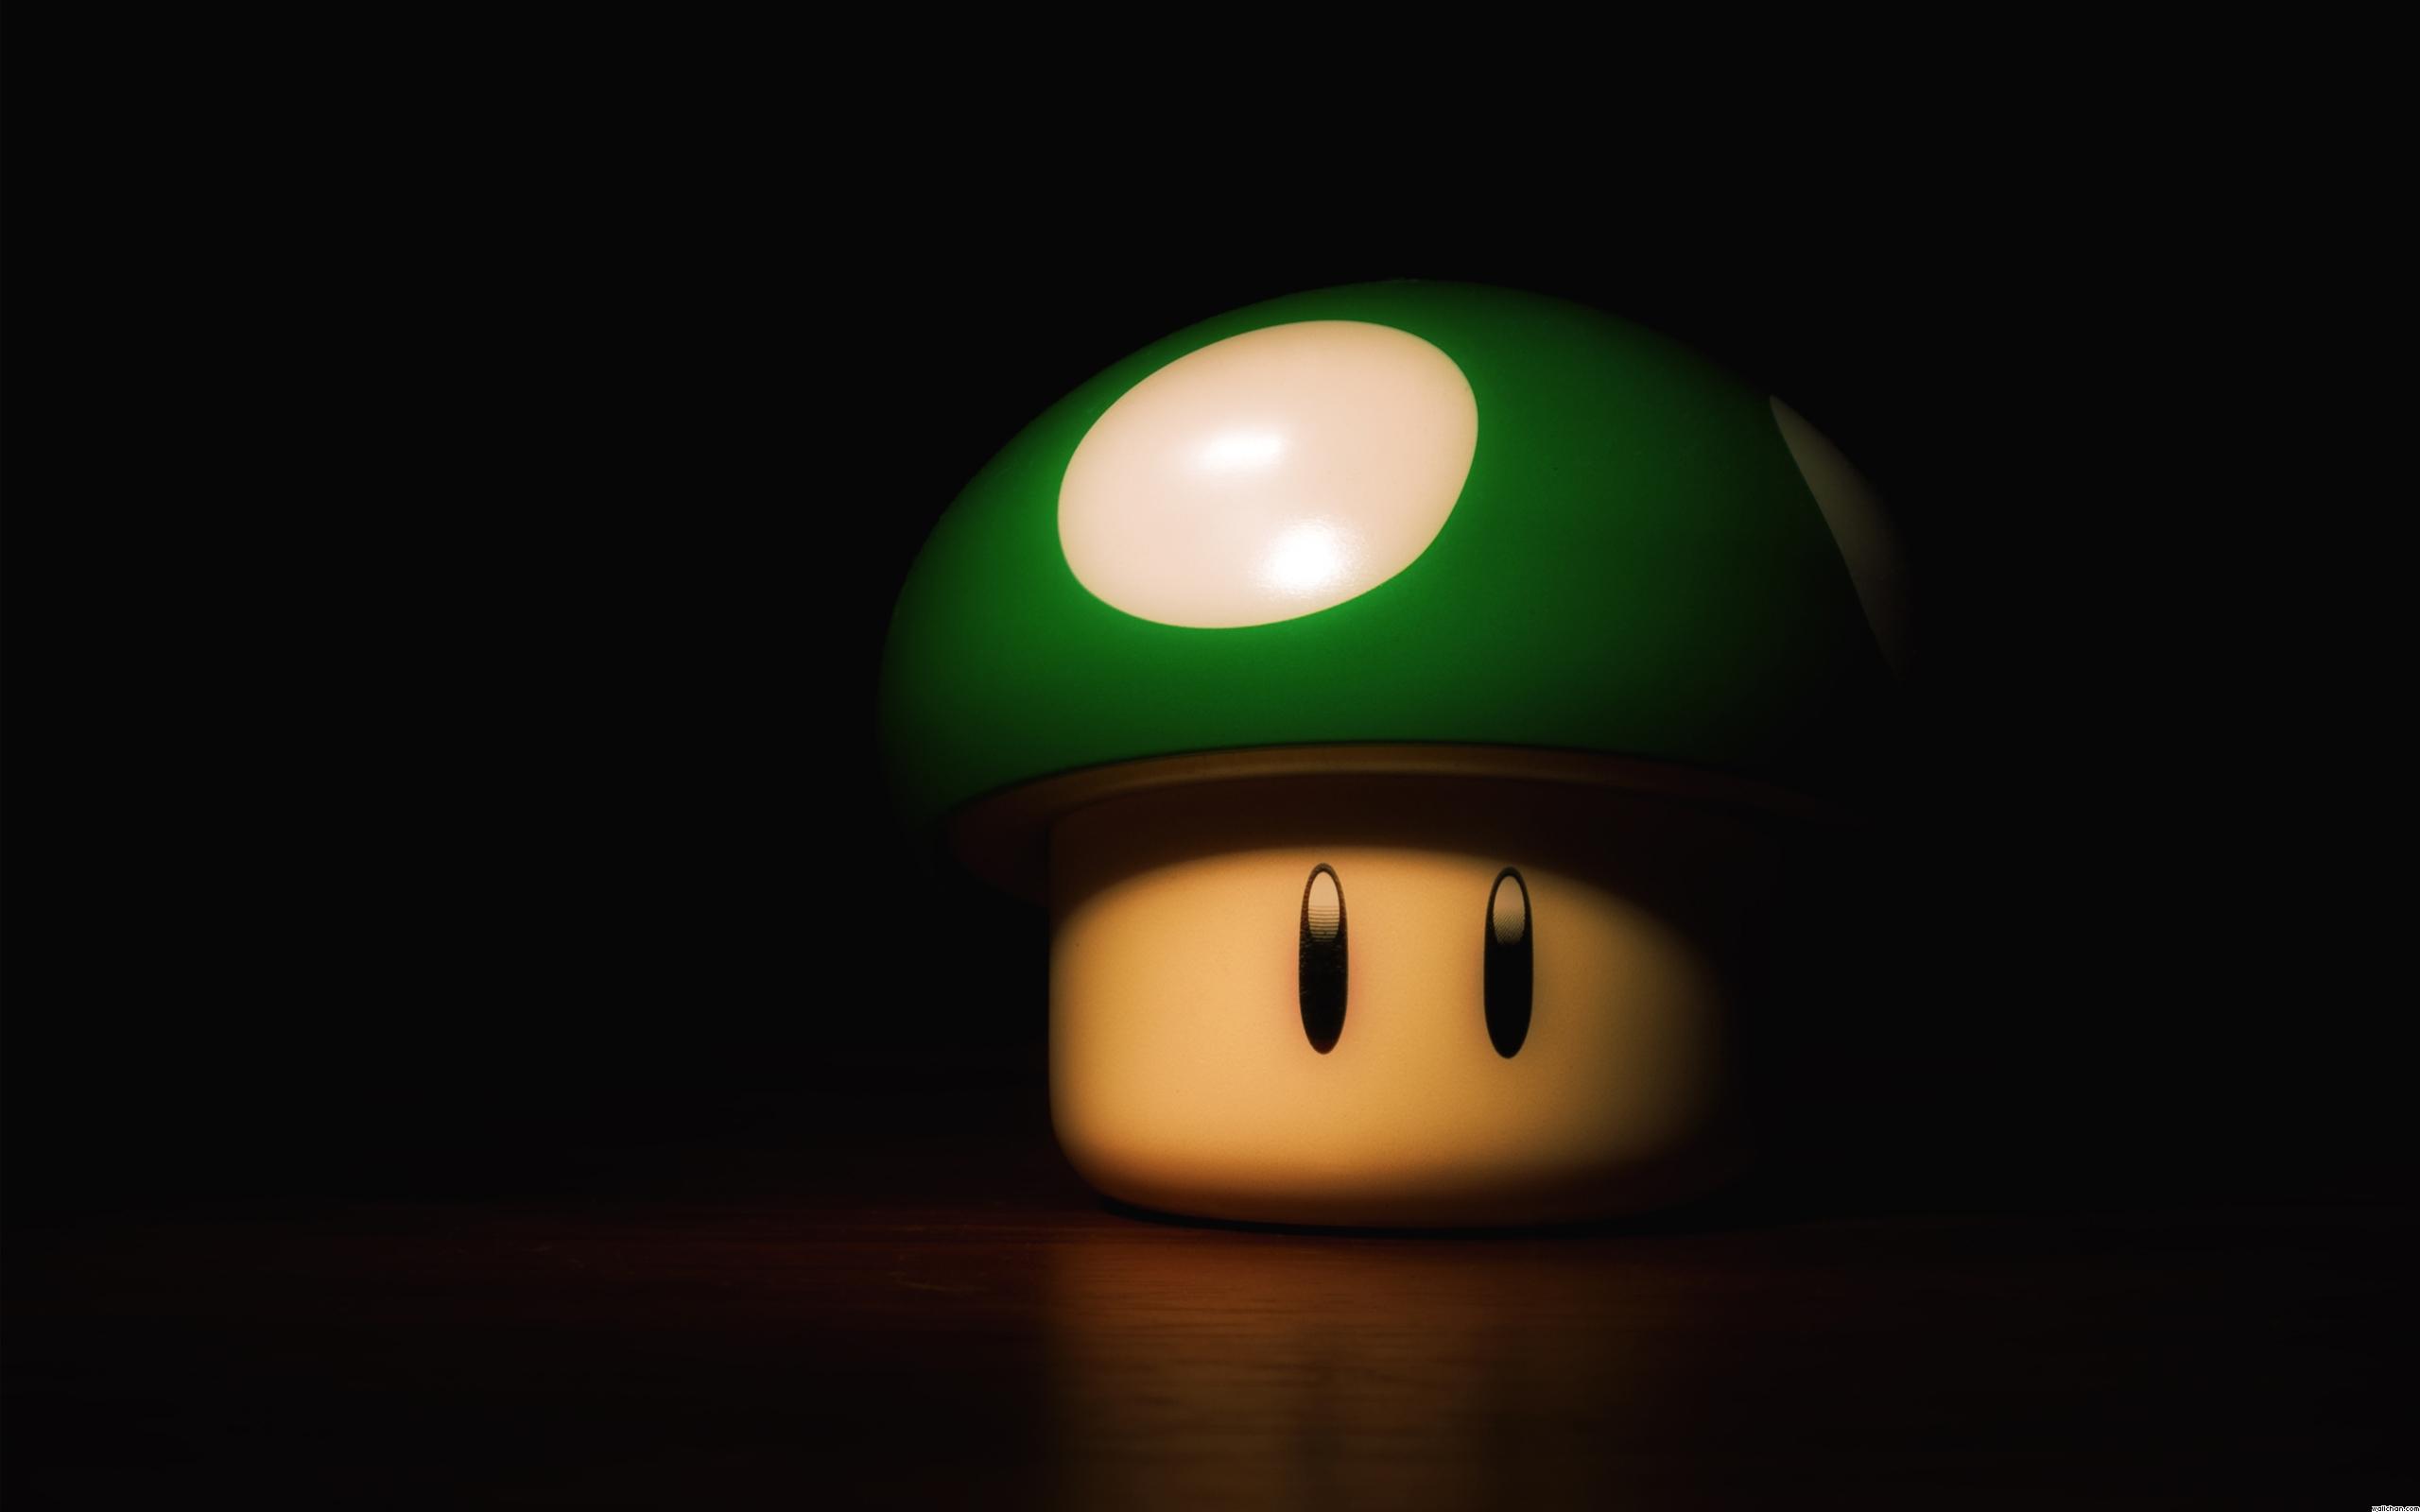 Mario Mushroom Wallpaper HD